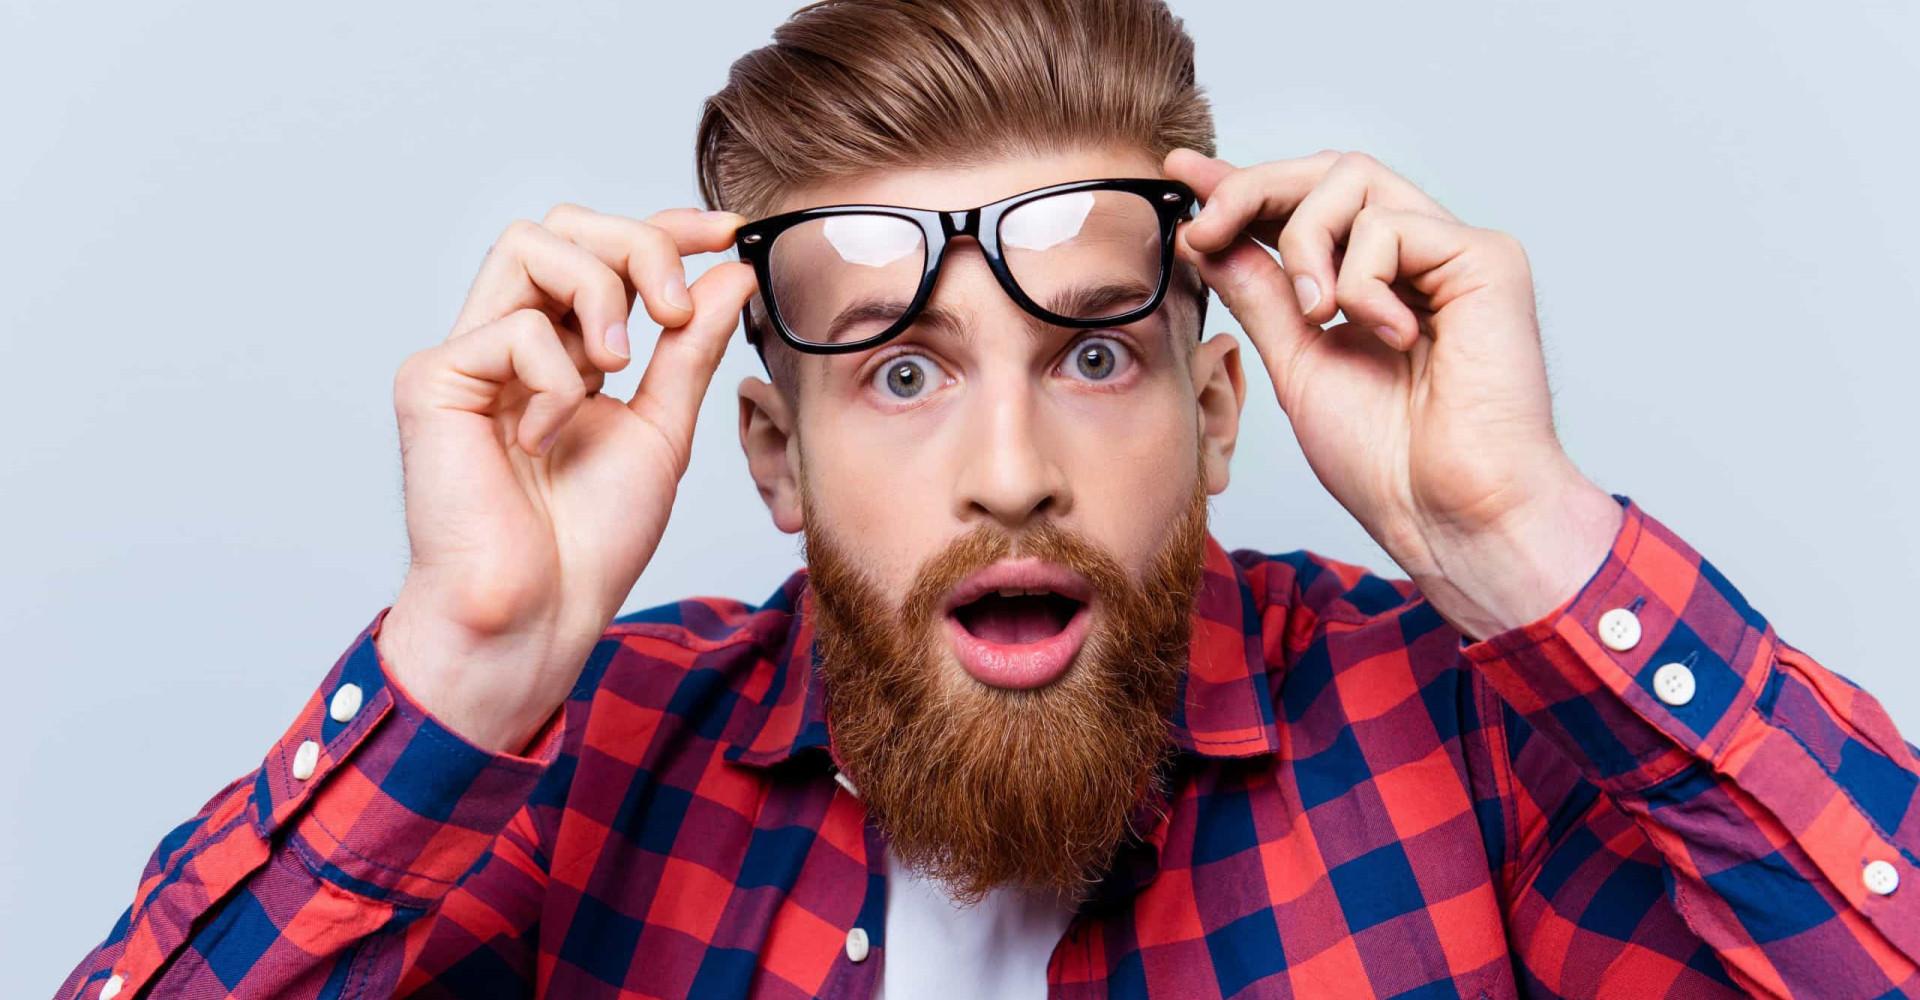 30 belgicismes qui vous surprendront, les connaissez-vous?